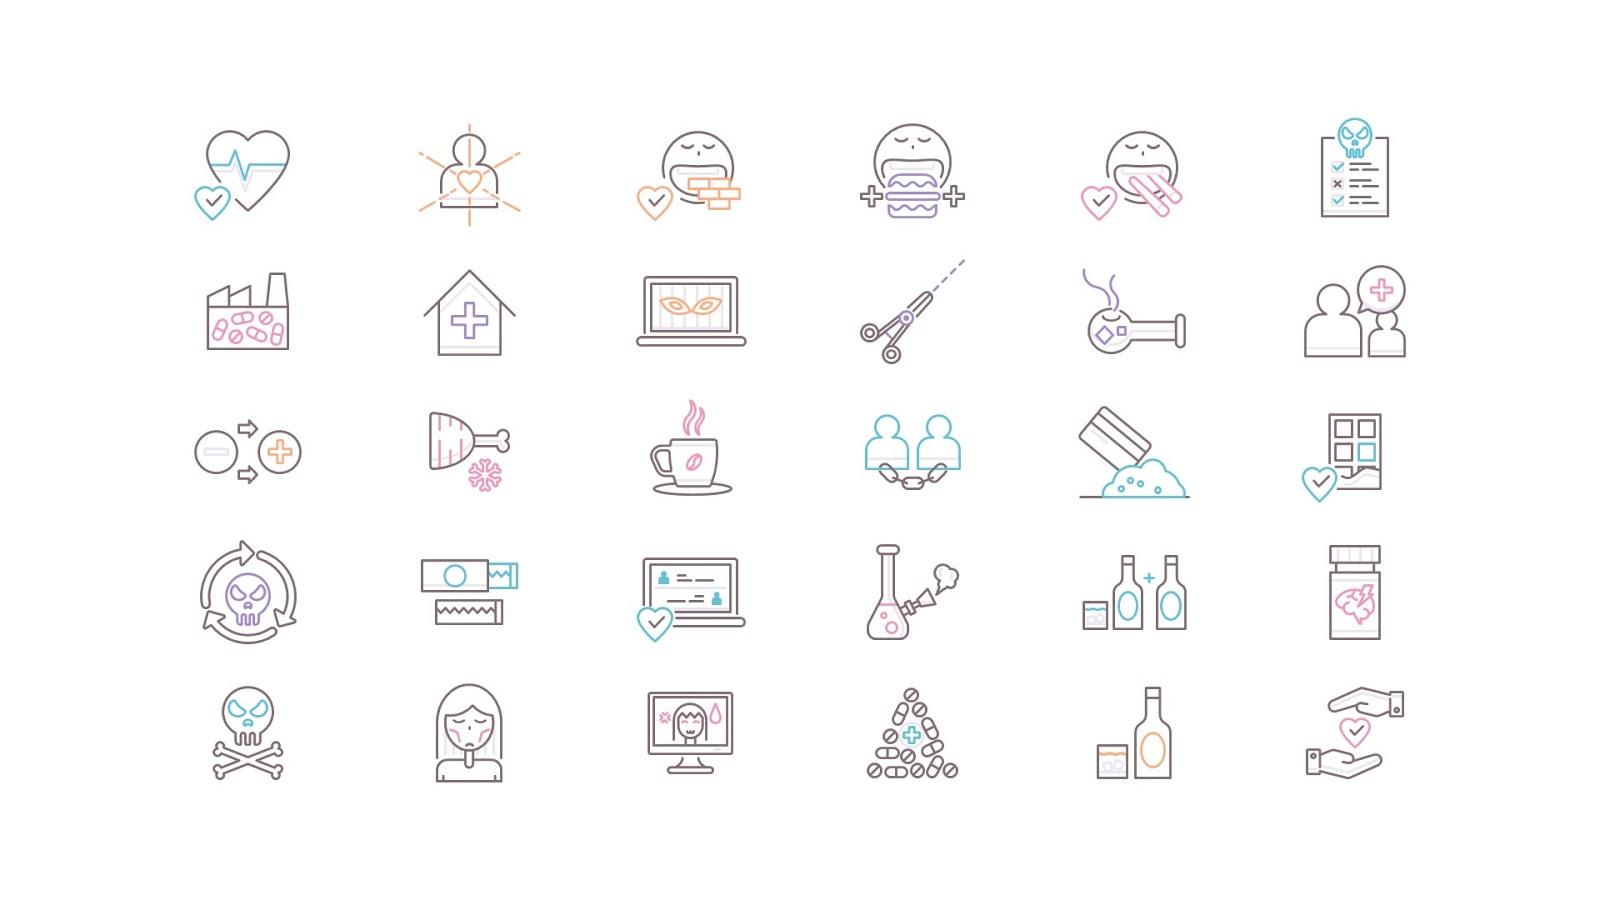 أيقونات مجانية للتصميم